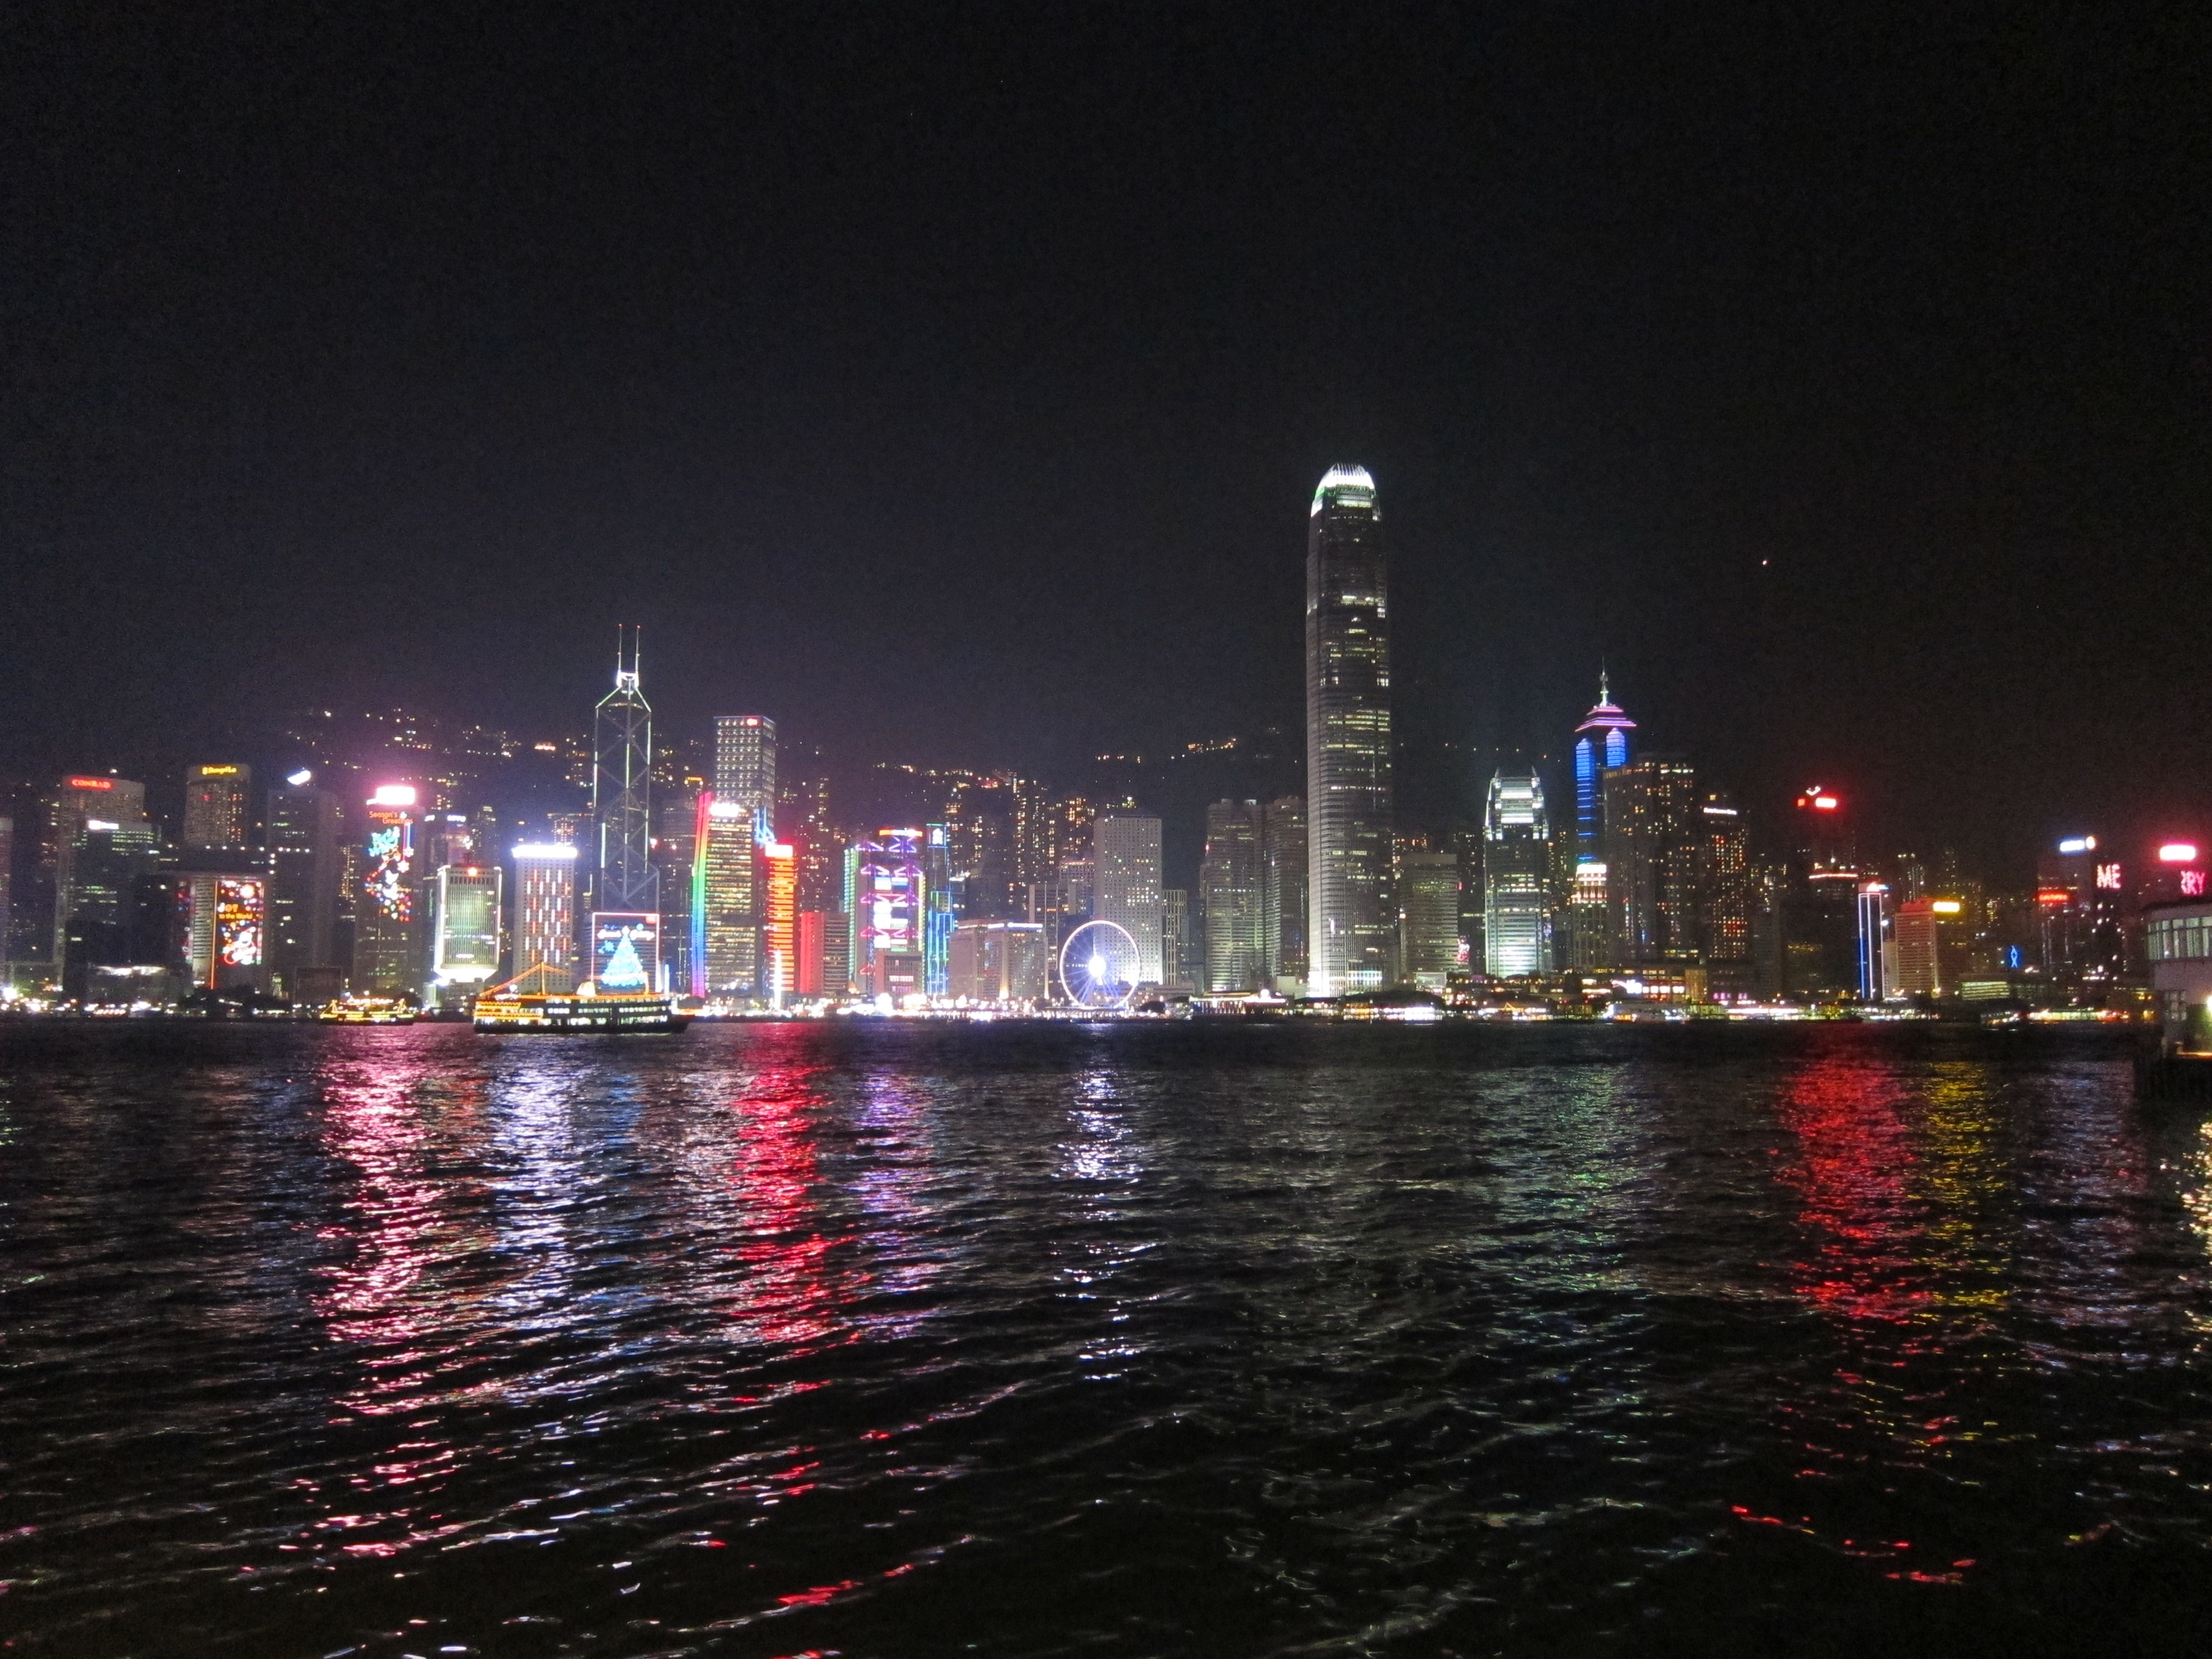 HK Night Skyline